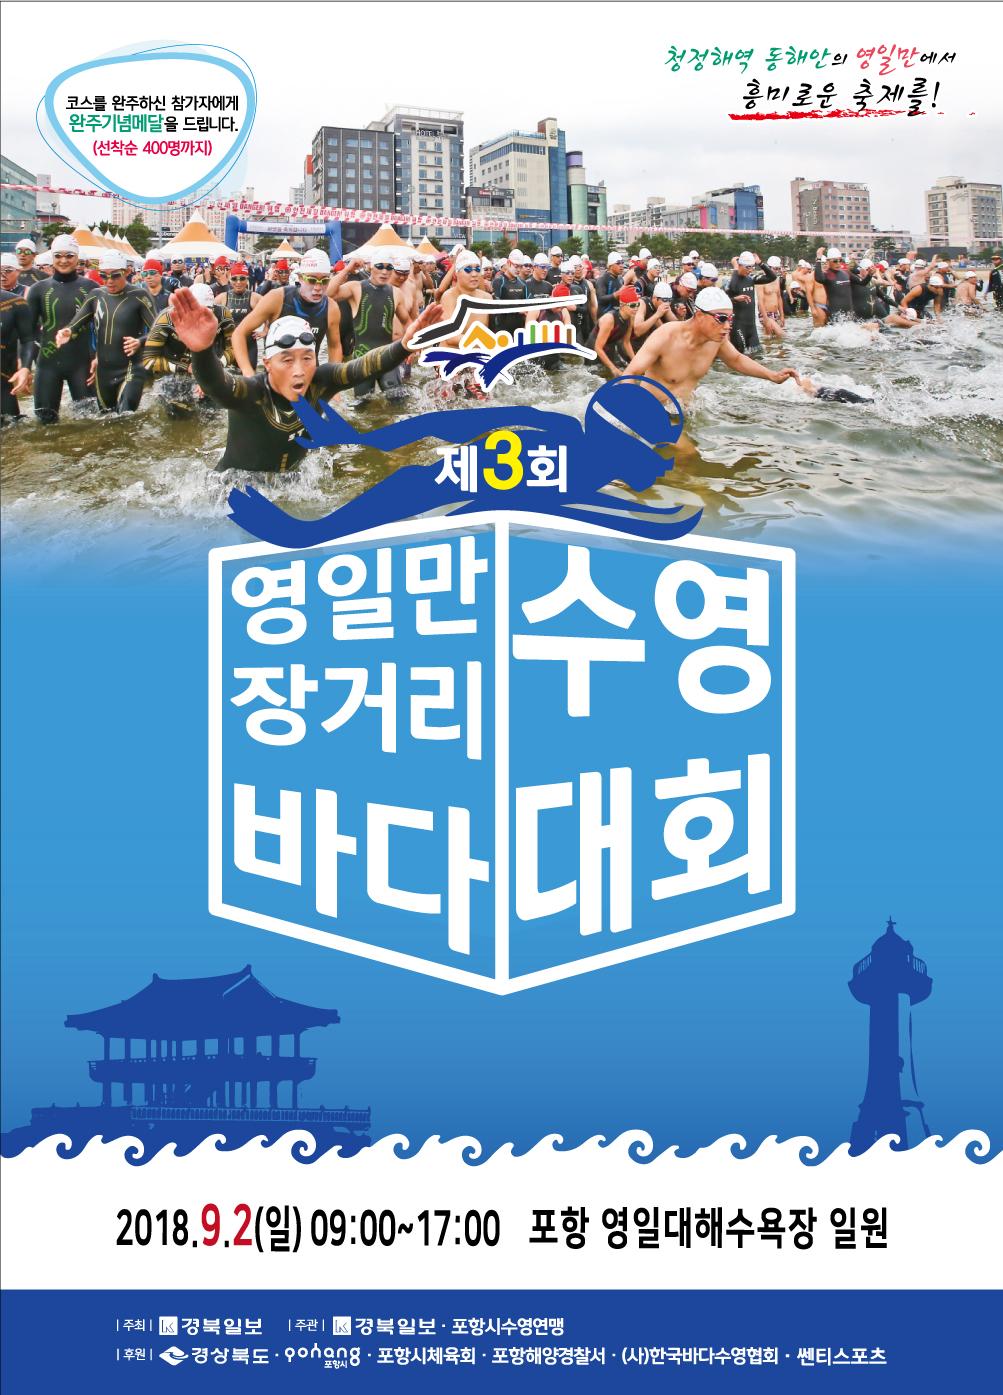 2018_영일만장거리바다수영대회_pop.png